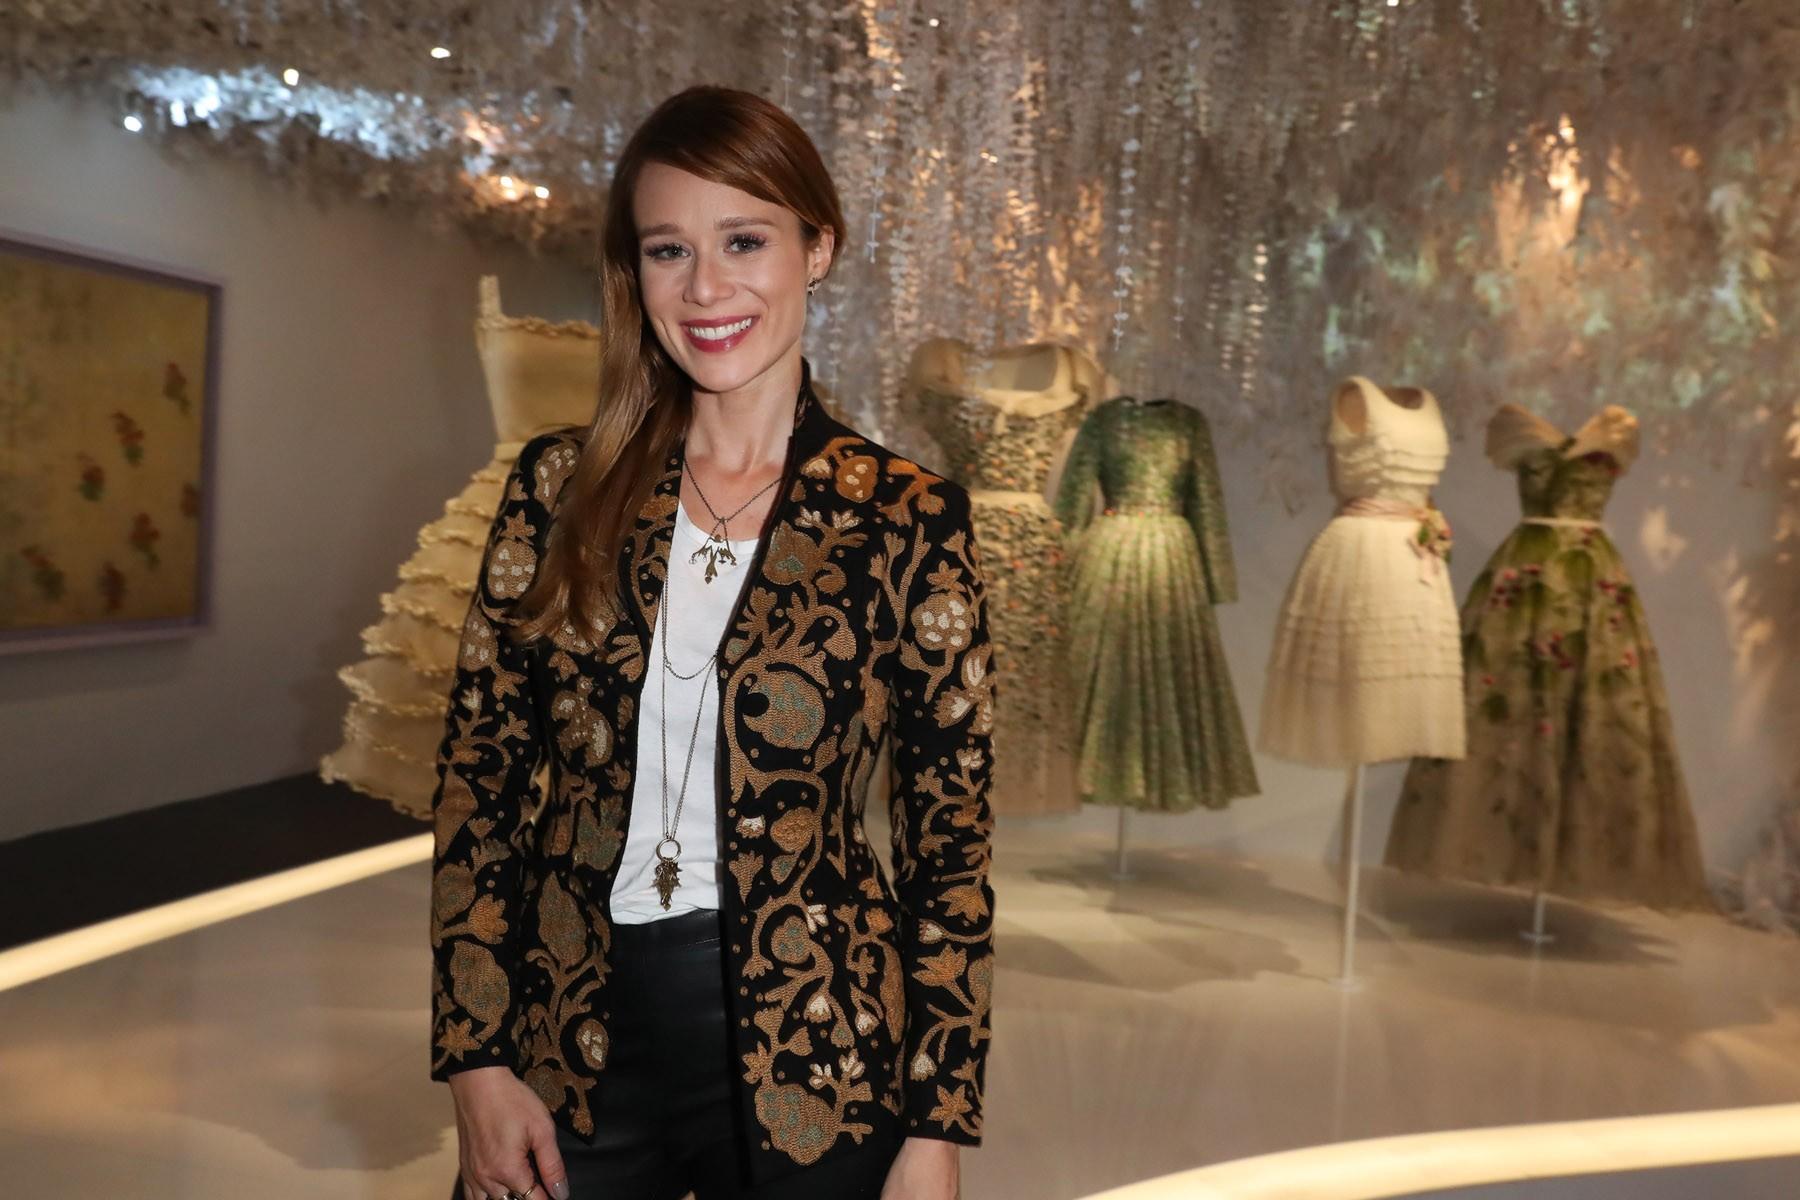 Mariana Ximenes se encanta com exposição comemorativa da Dior em Paris (Foto: Antonio Barros)